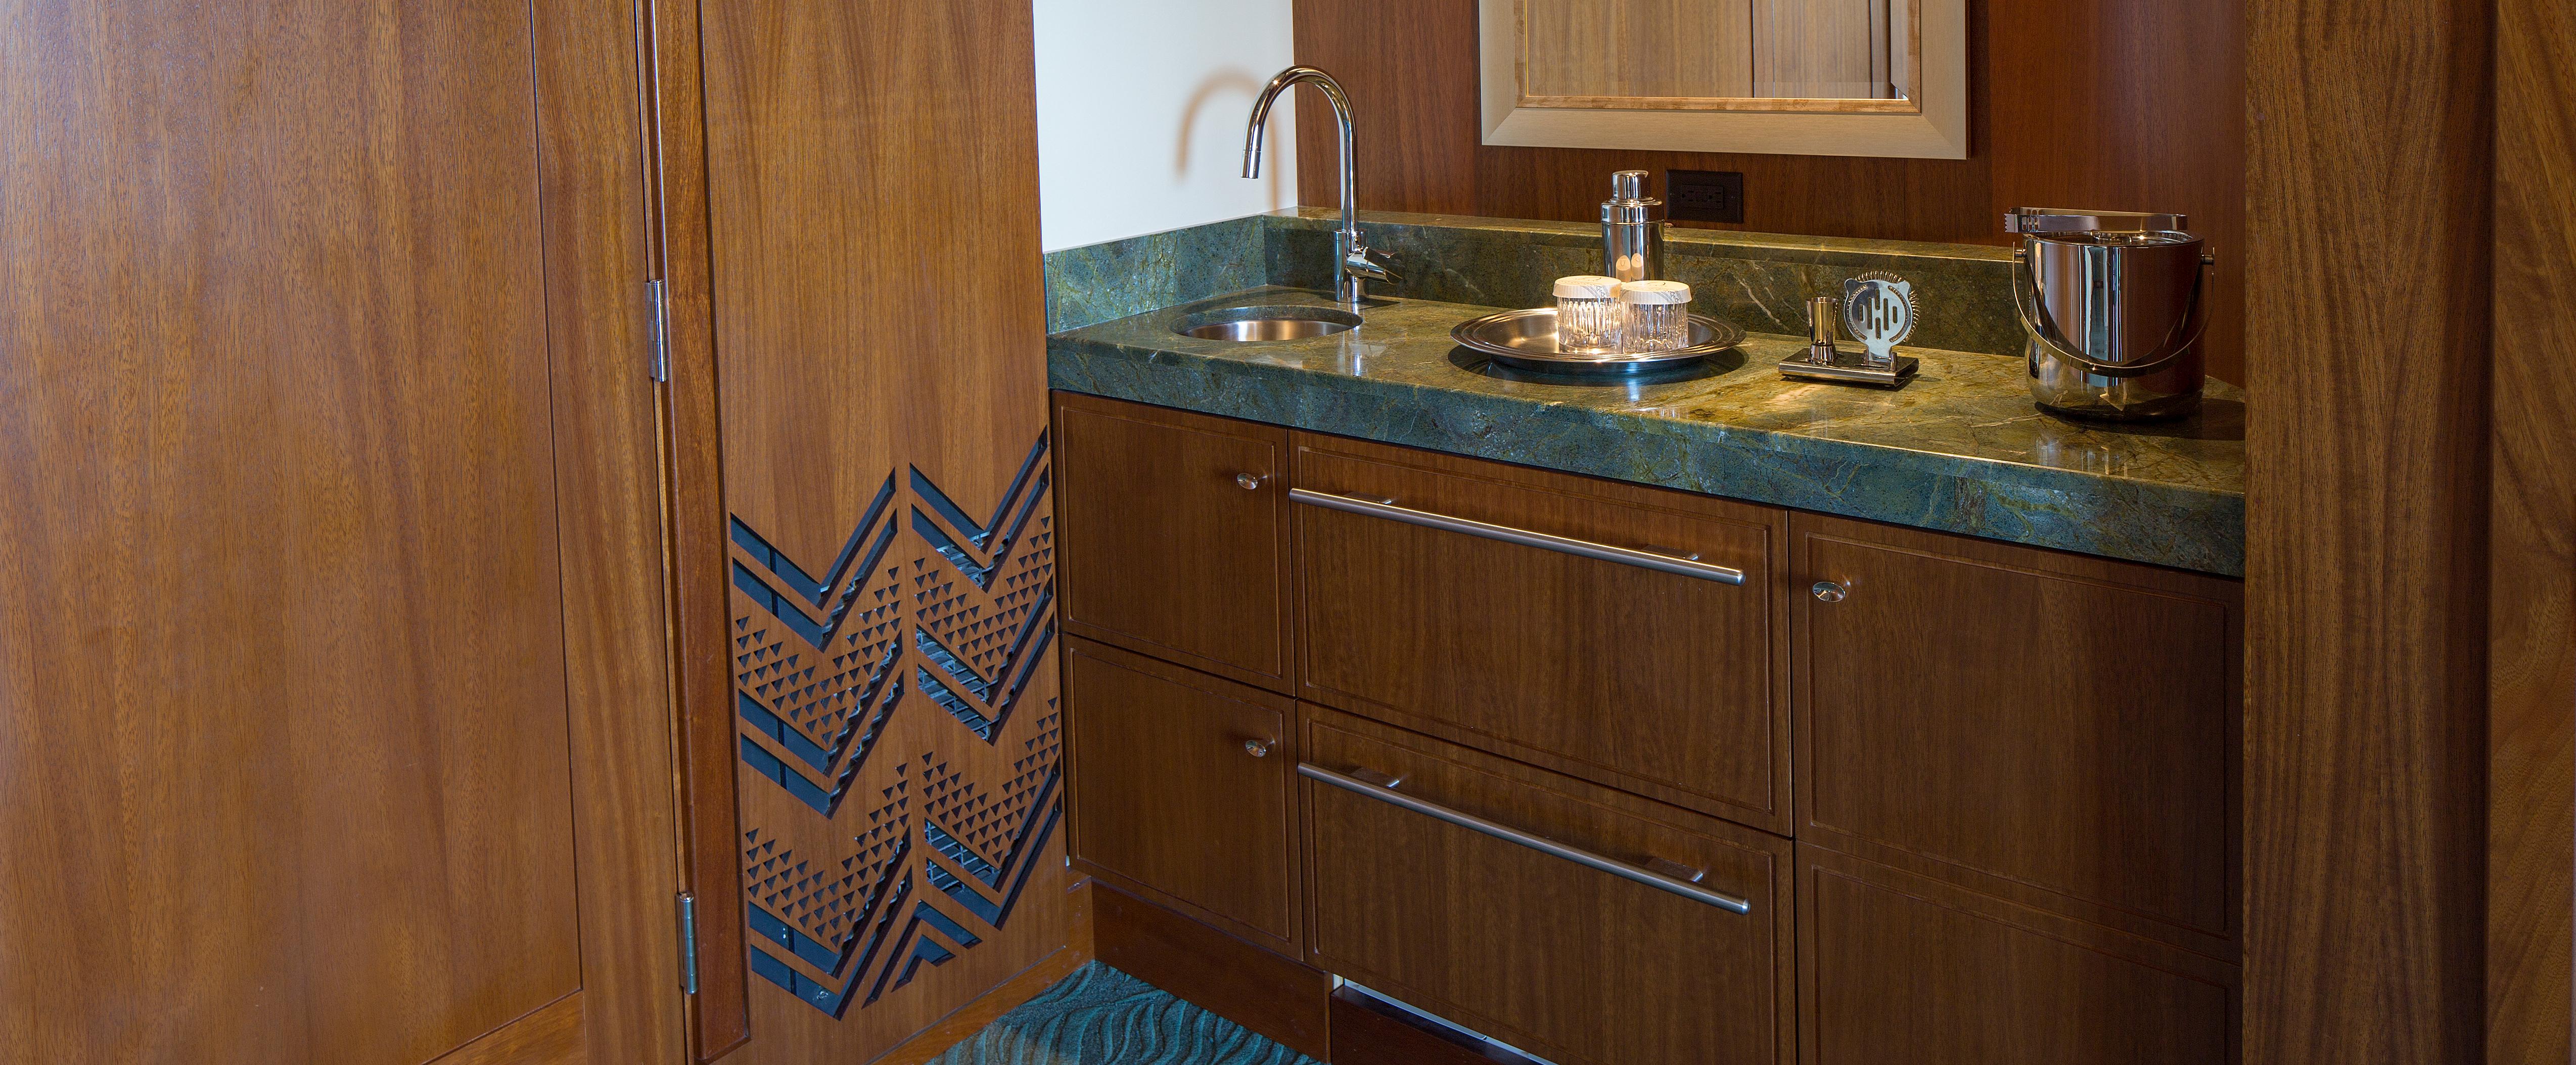 The wet bar in the Deluxe 1-Bedroom Suite